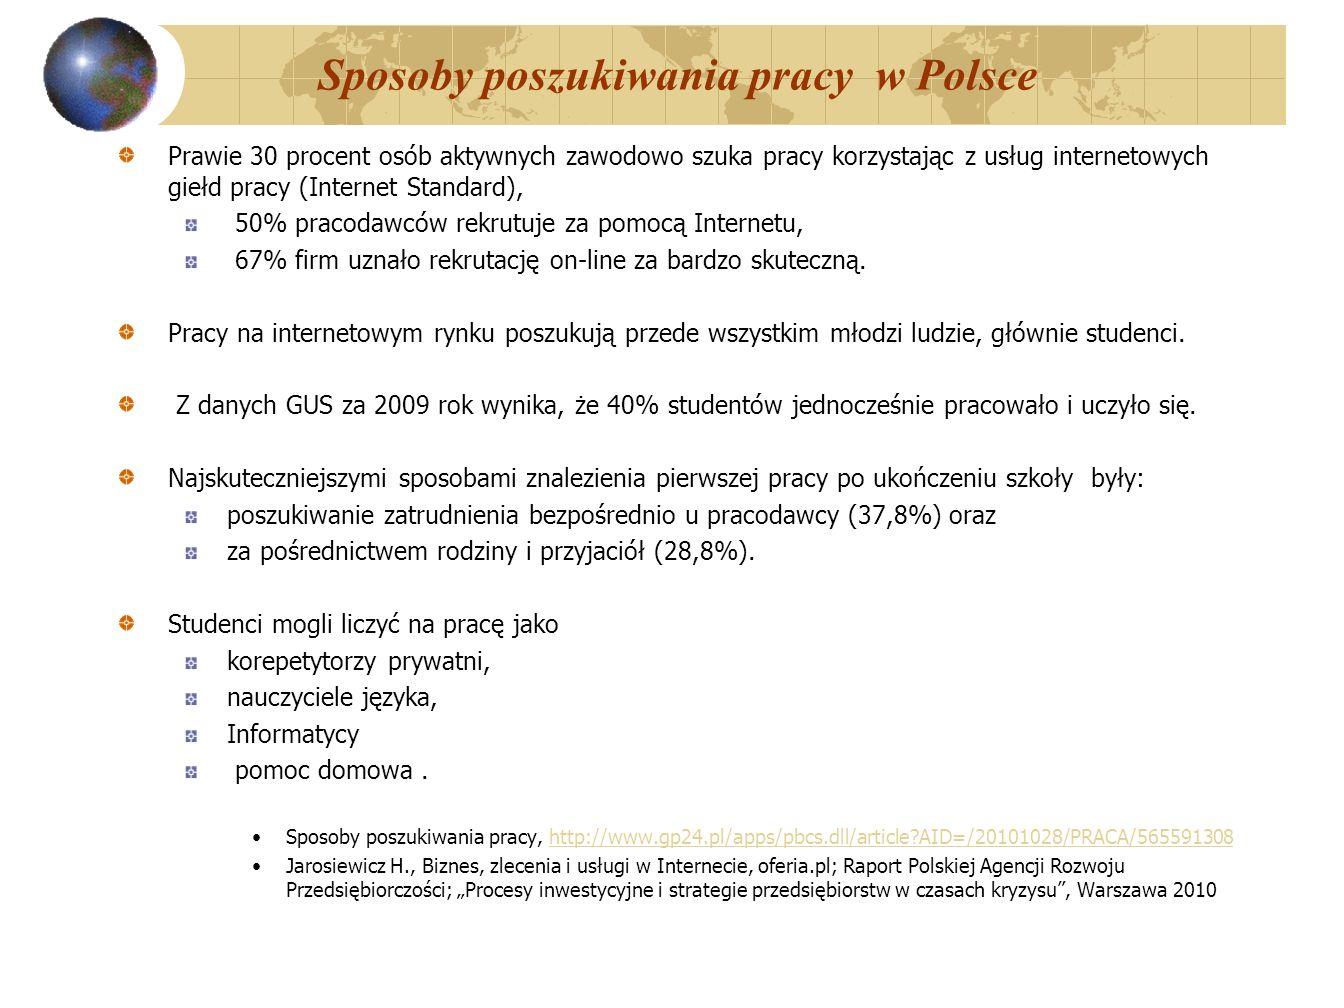 Sposoby poszukiwania pracy w Polsce